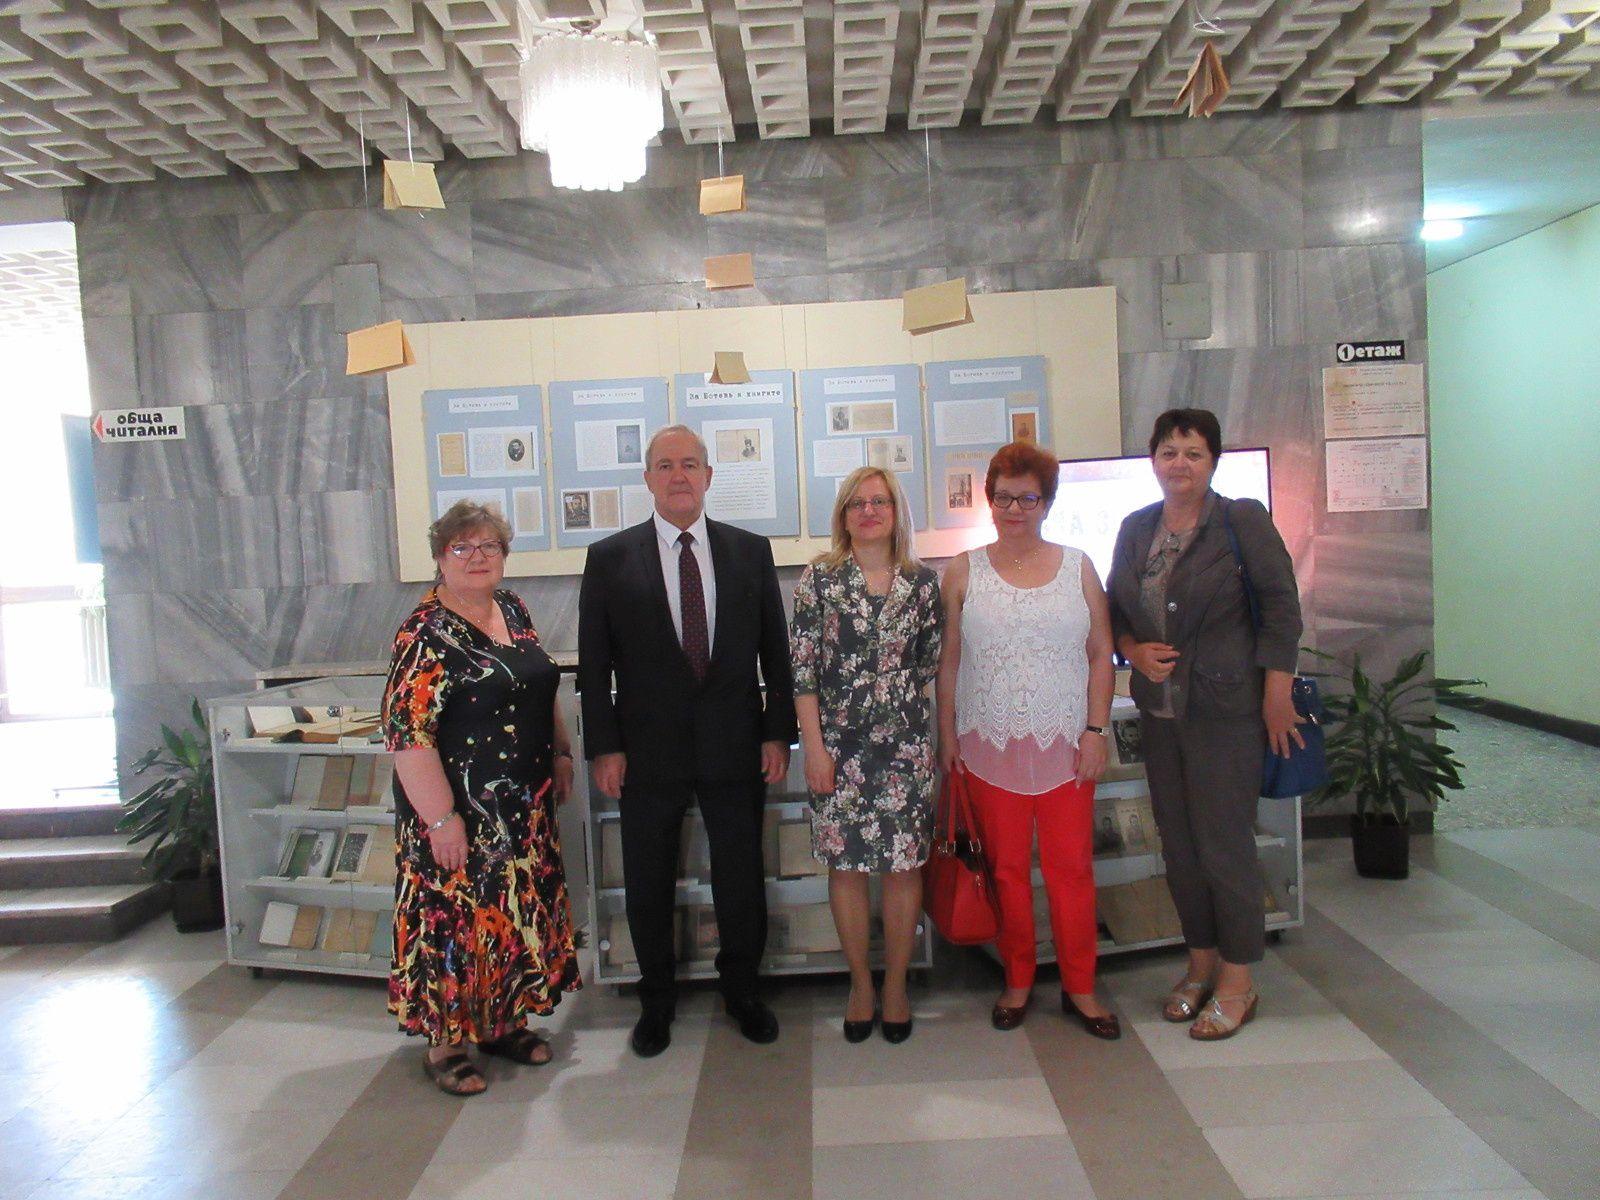 Exposition sur Hristo BOTEV avec des ouvrages prêtés par la Roumanie et d'autres pays, à la bibliothèque régionale de Vratsa dirigée par Sylvia